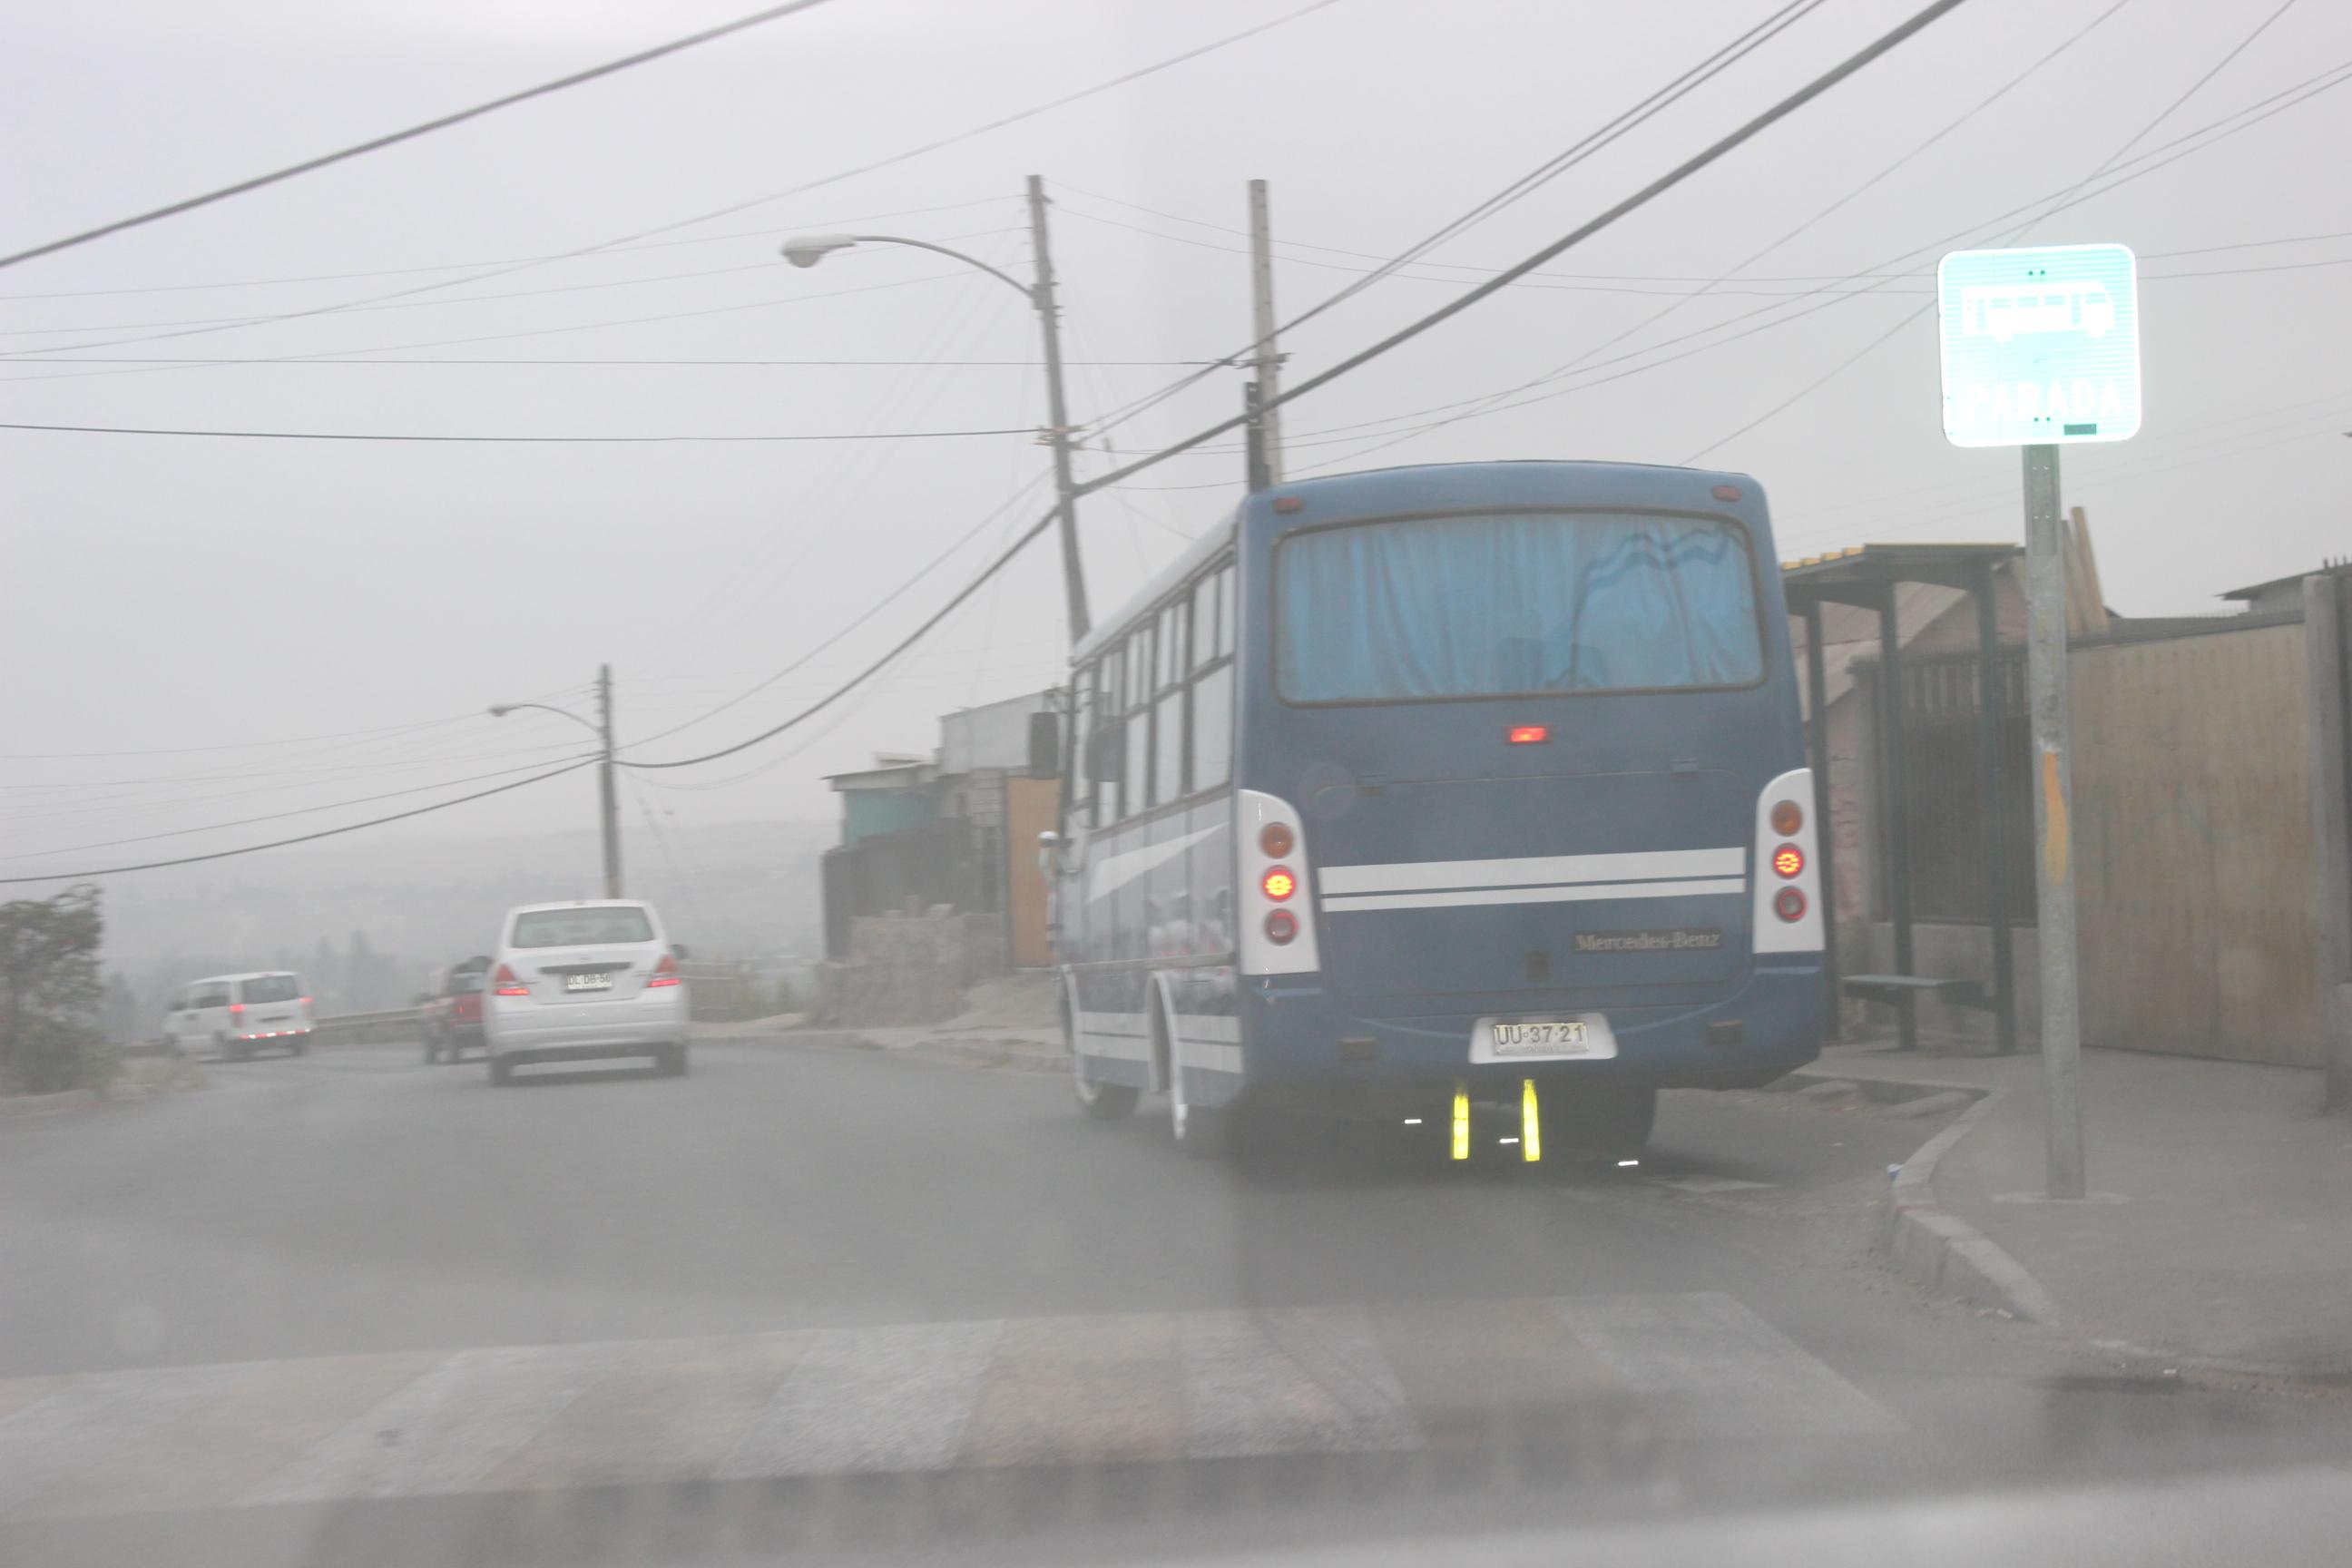 """Microbuses sacaron """"la cara"""" en Vallenar durante paro de locomoción colectiva"""